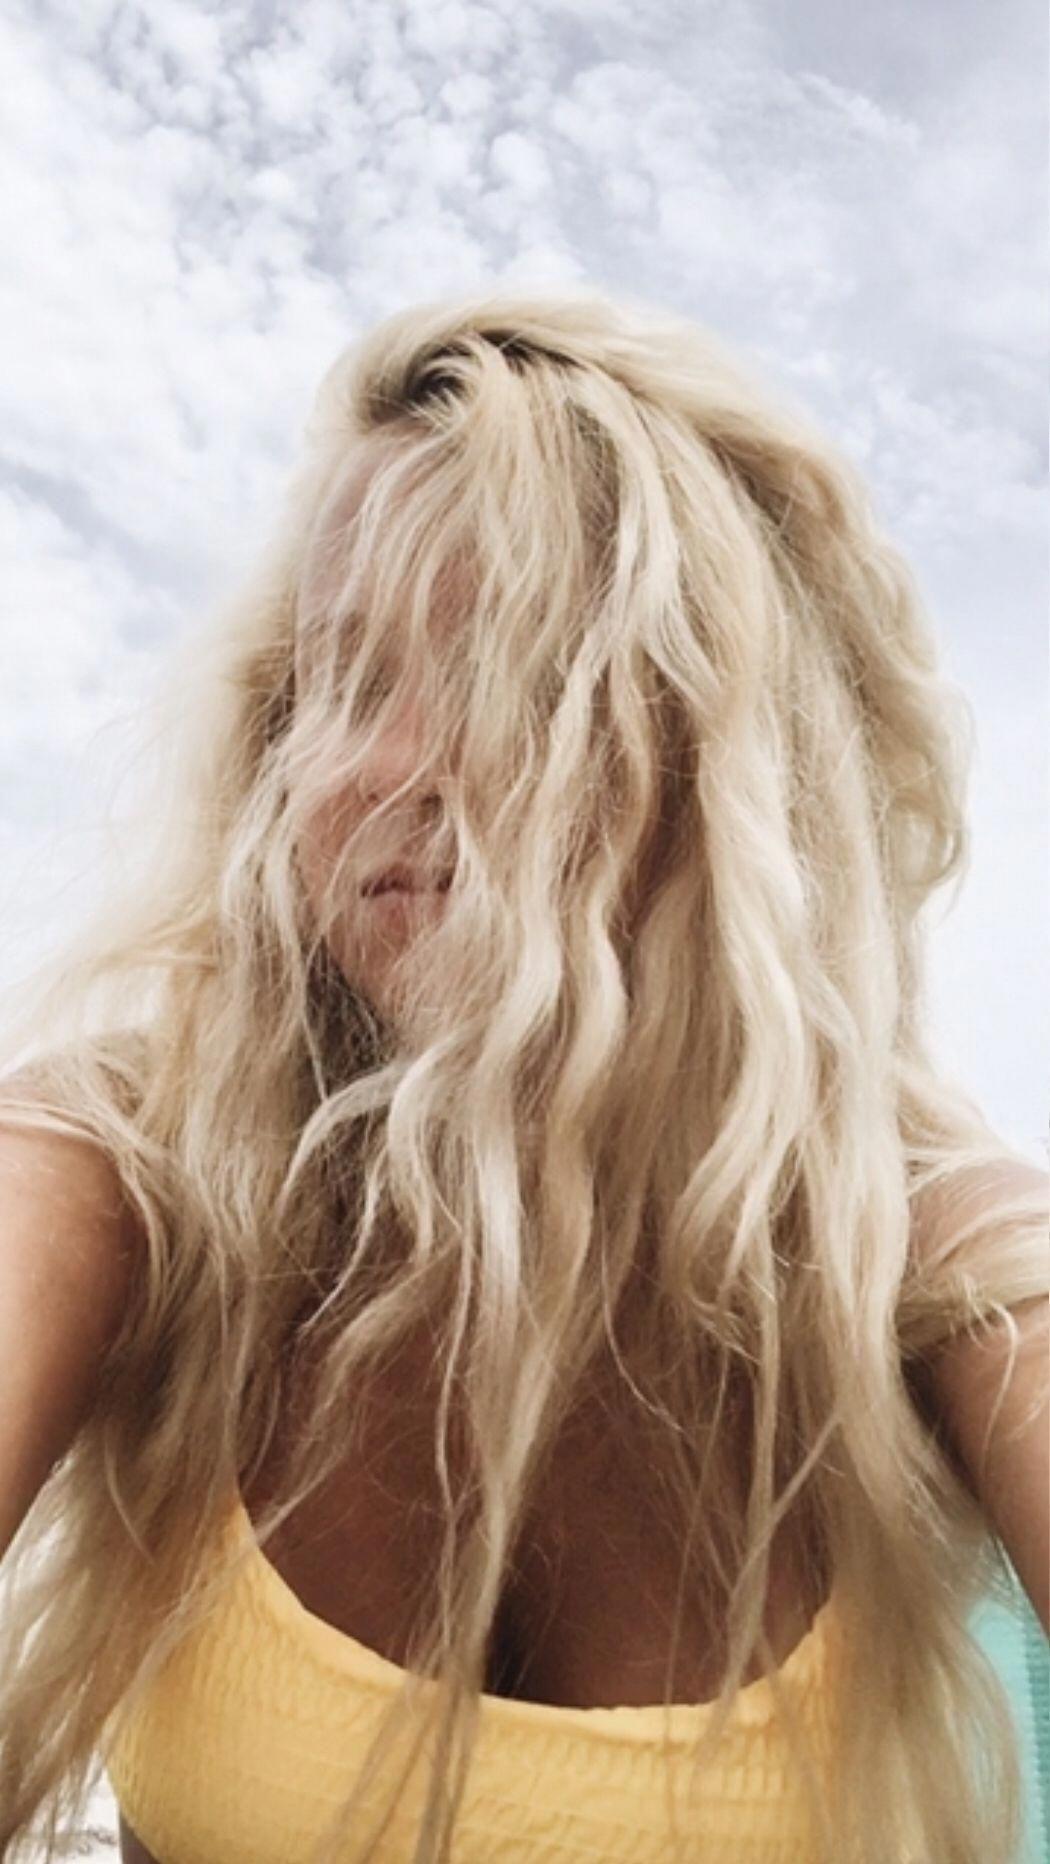 Dirtyblondehairstyles Beach Hair Blonde Curly Hair Beach Blonde Hair